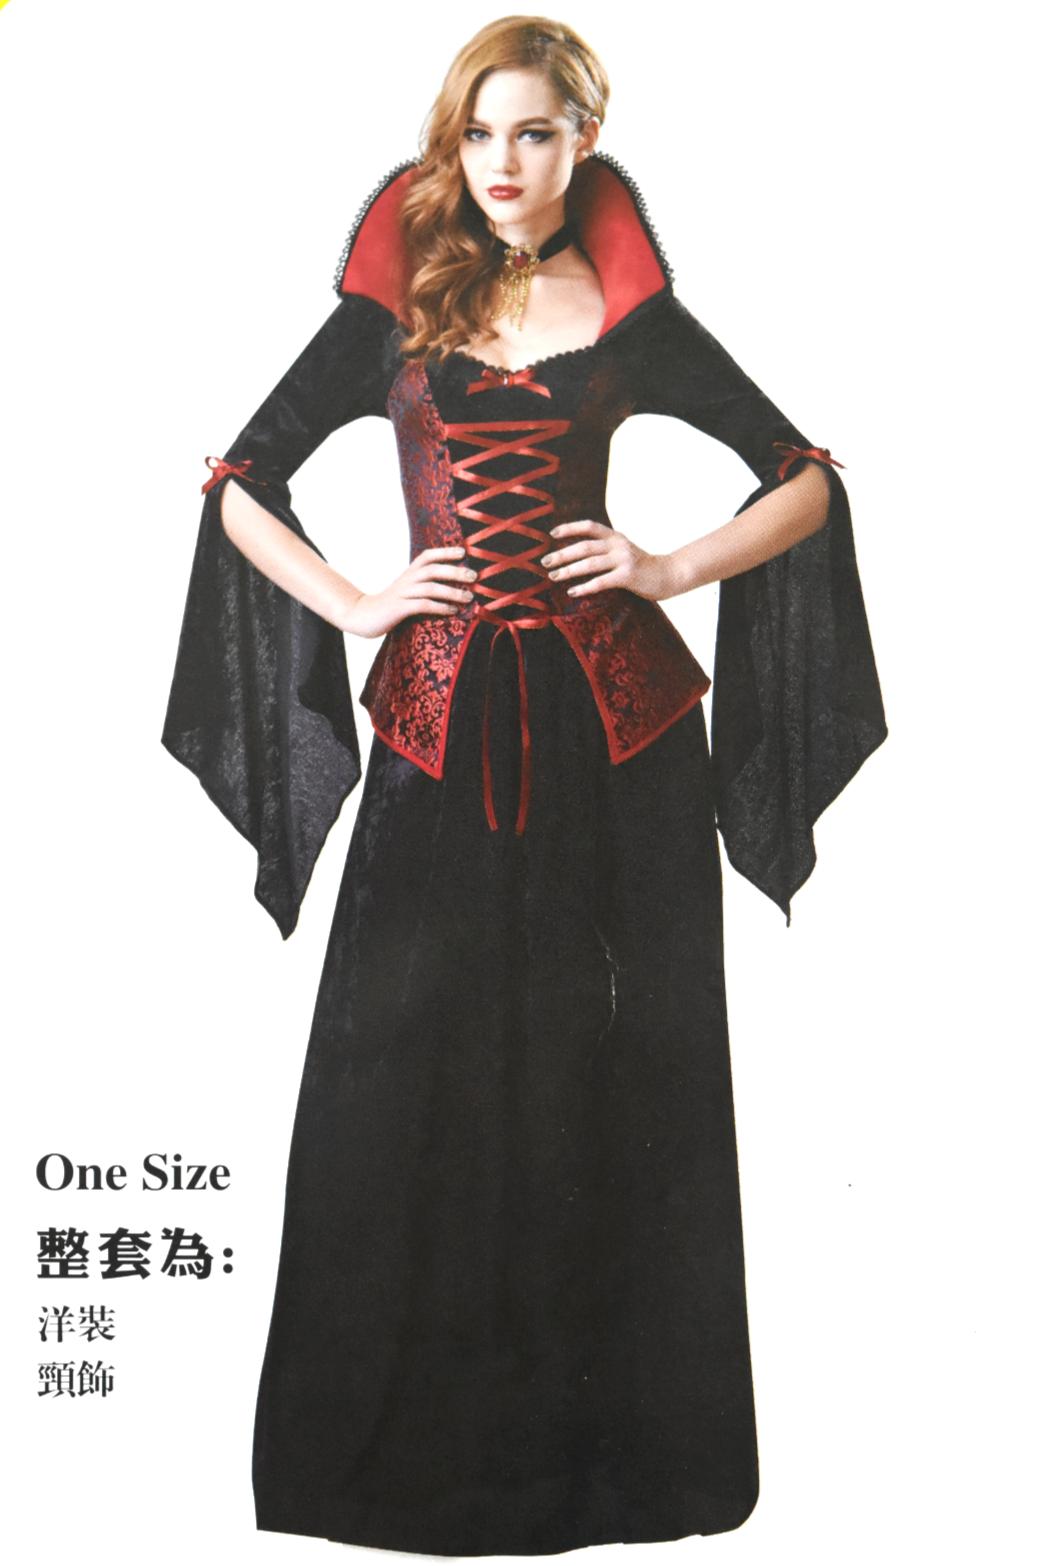 X射線~W380159~紅馬甲吸血鬼,死神 巫婆 尾牙 萬聖 聖誕 大人變裝 cospla